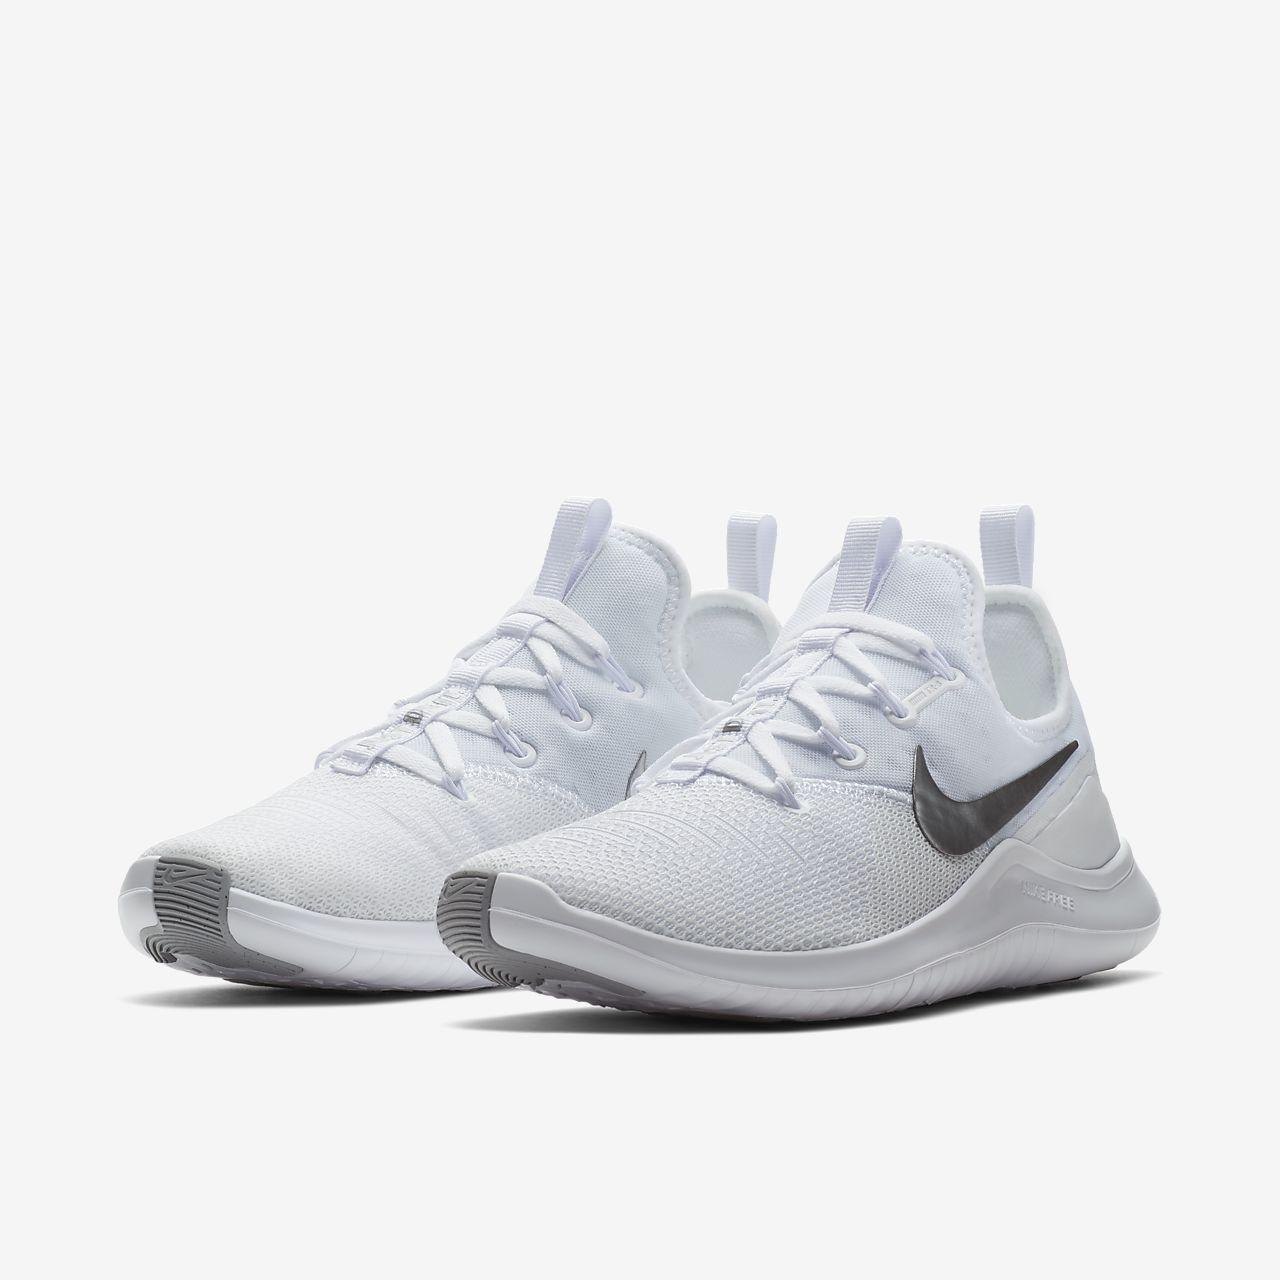 49c650457d7e4 Free Tr8 Training Shoe Nike